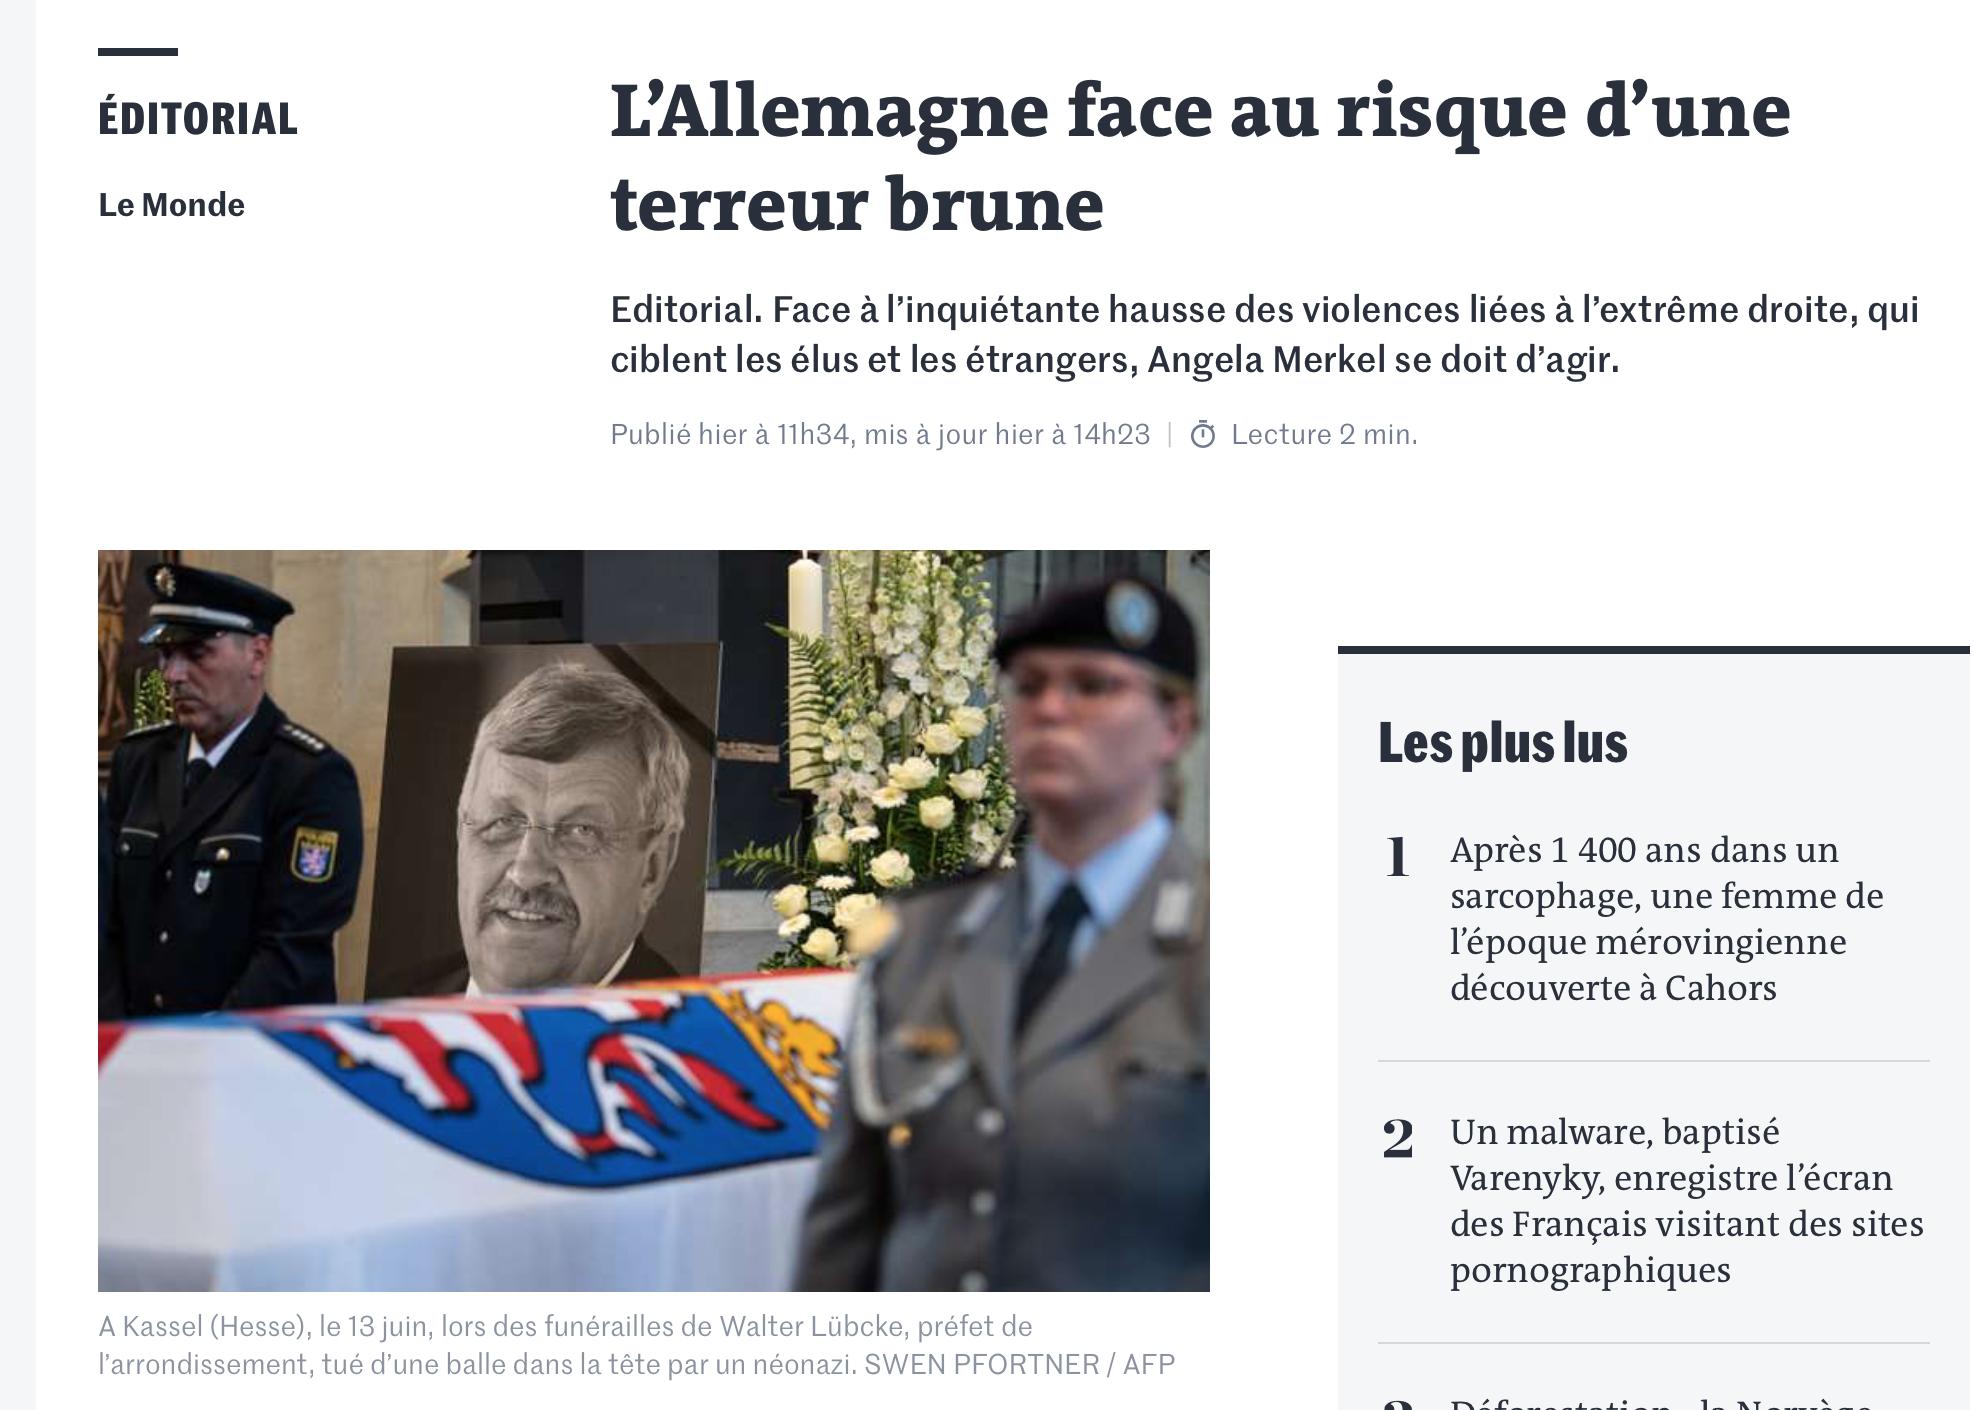 Pierre Cassen : «le Monde» alerte, la terreur brune frappe en Allemagne (video)